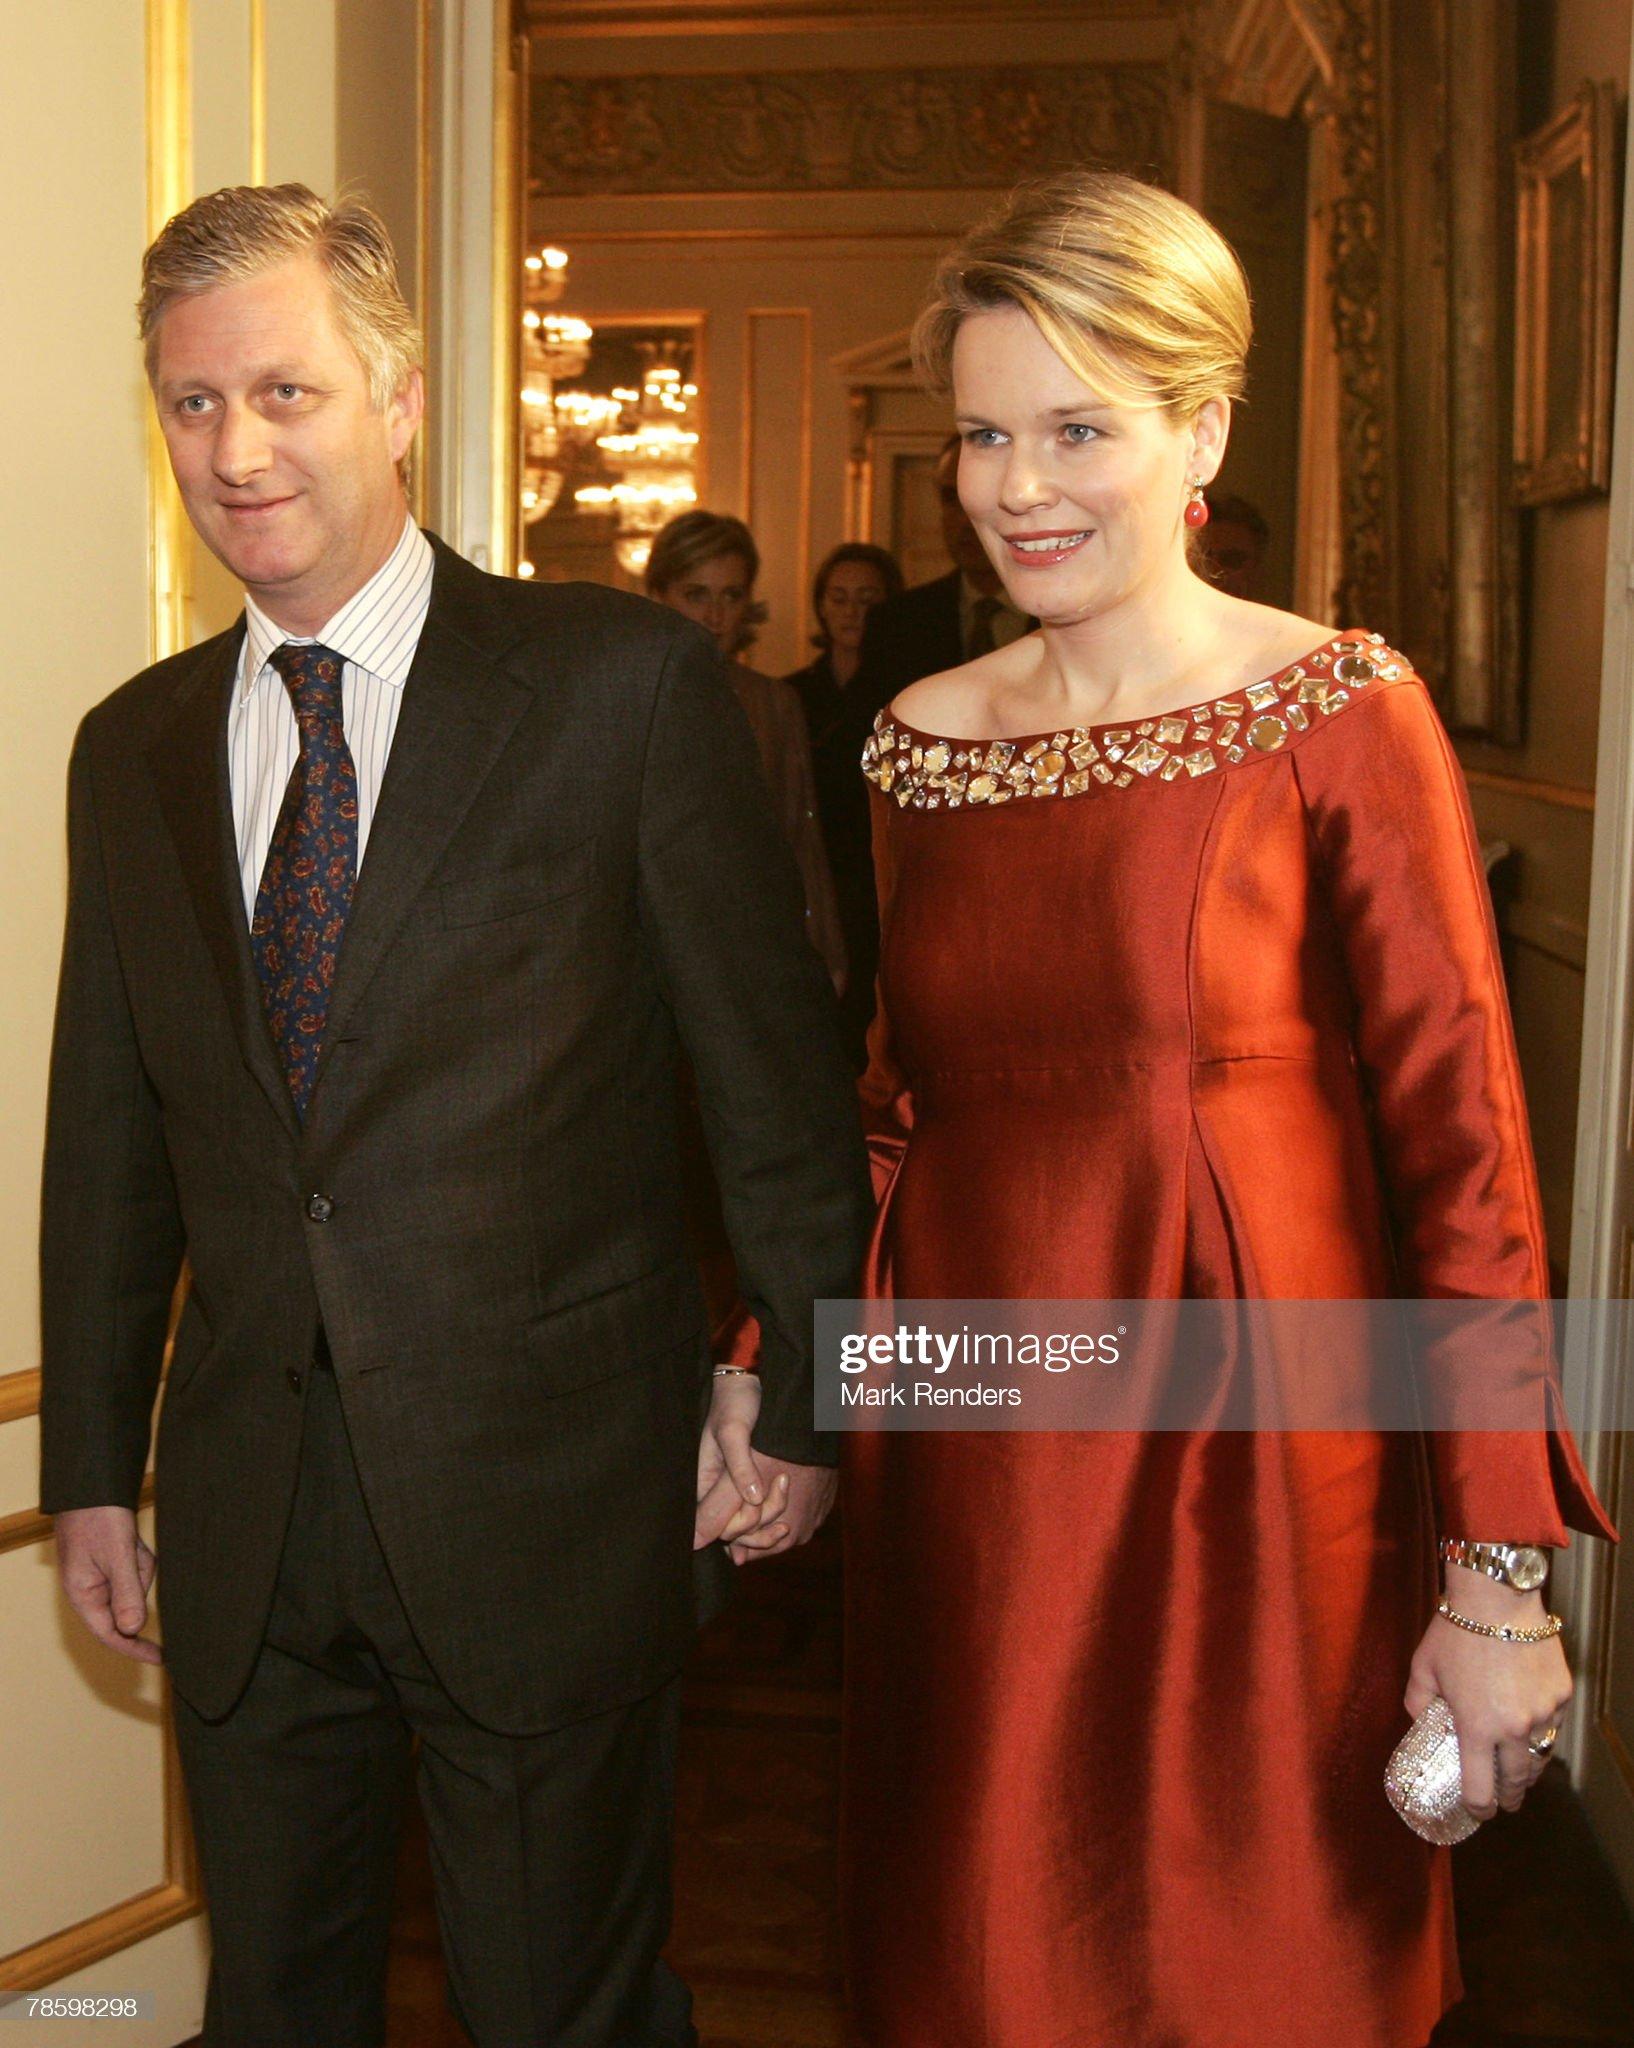 Вечерние наряды Королевы Матильды Belgium Royals Attend A Christmas Concert At The Royal Palace : News Photo